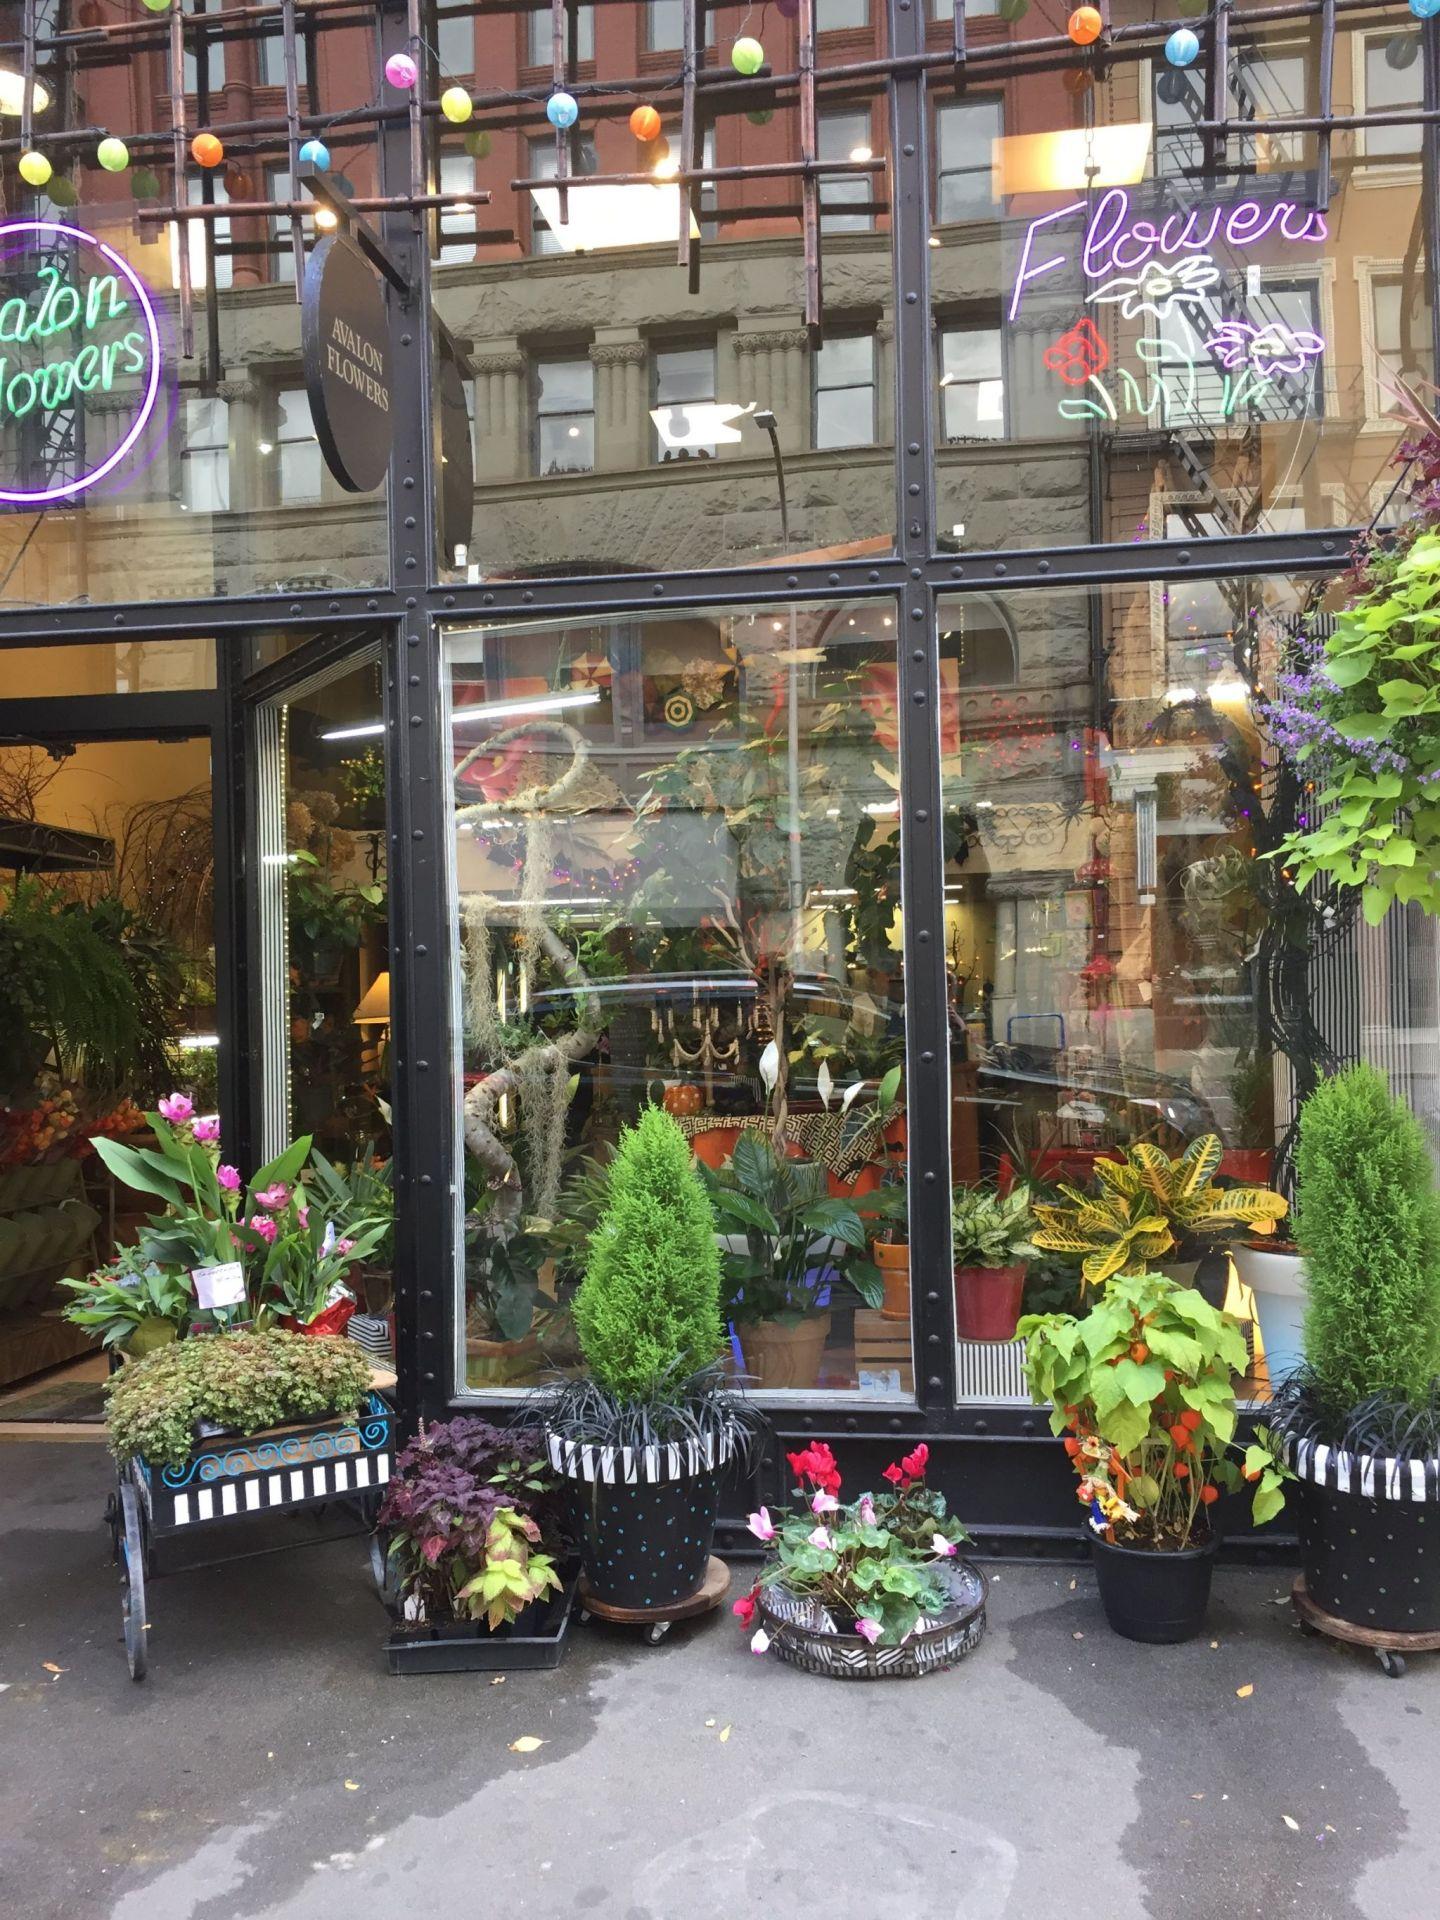 Flower store in Portland